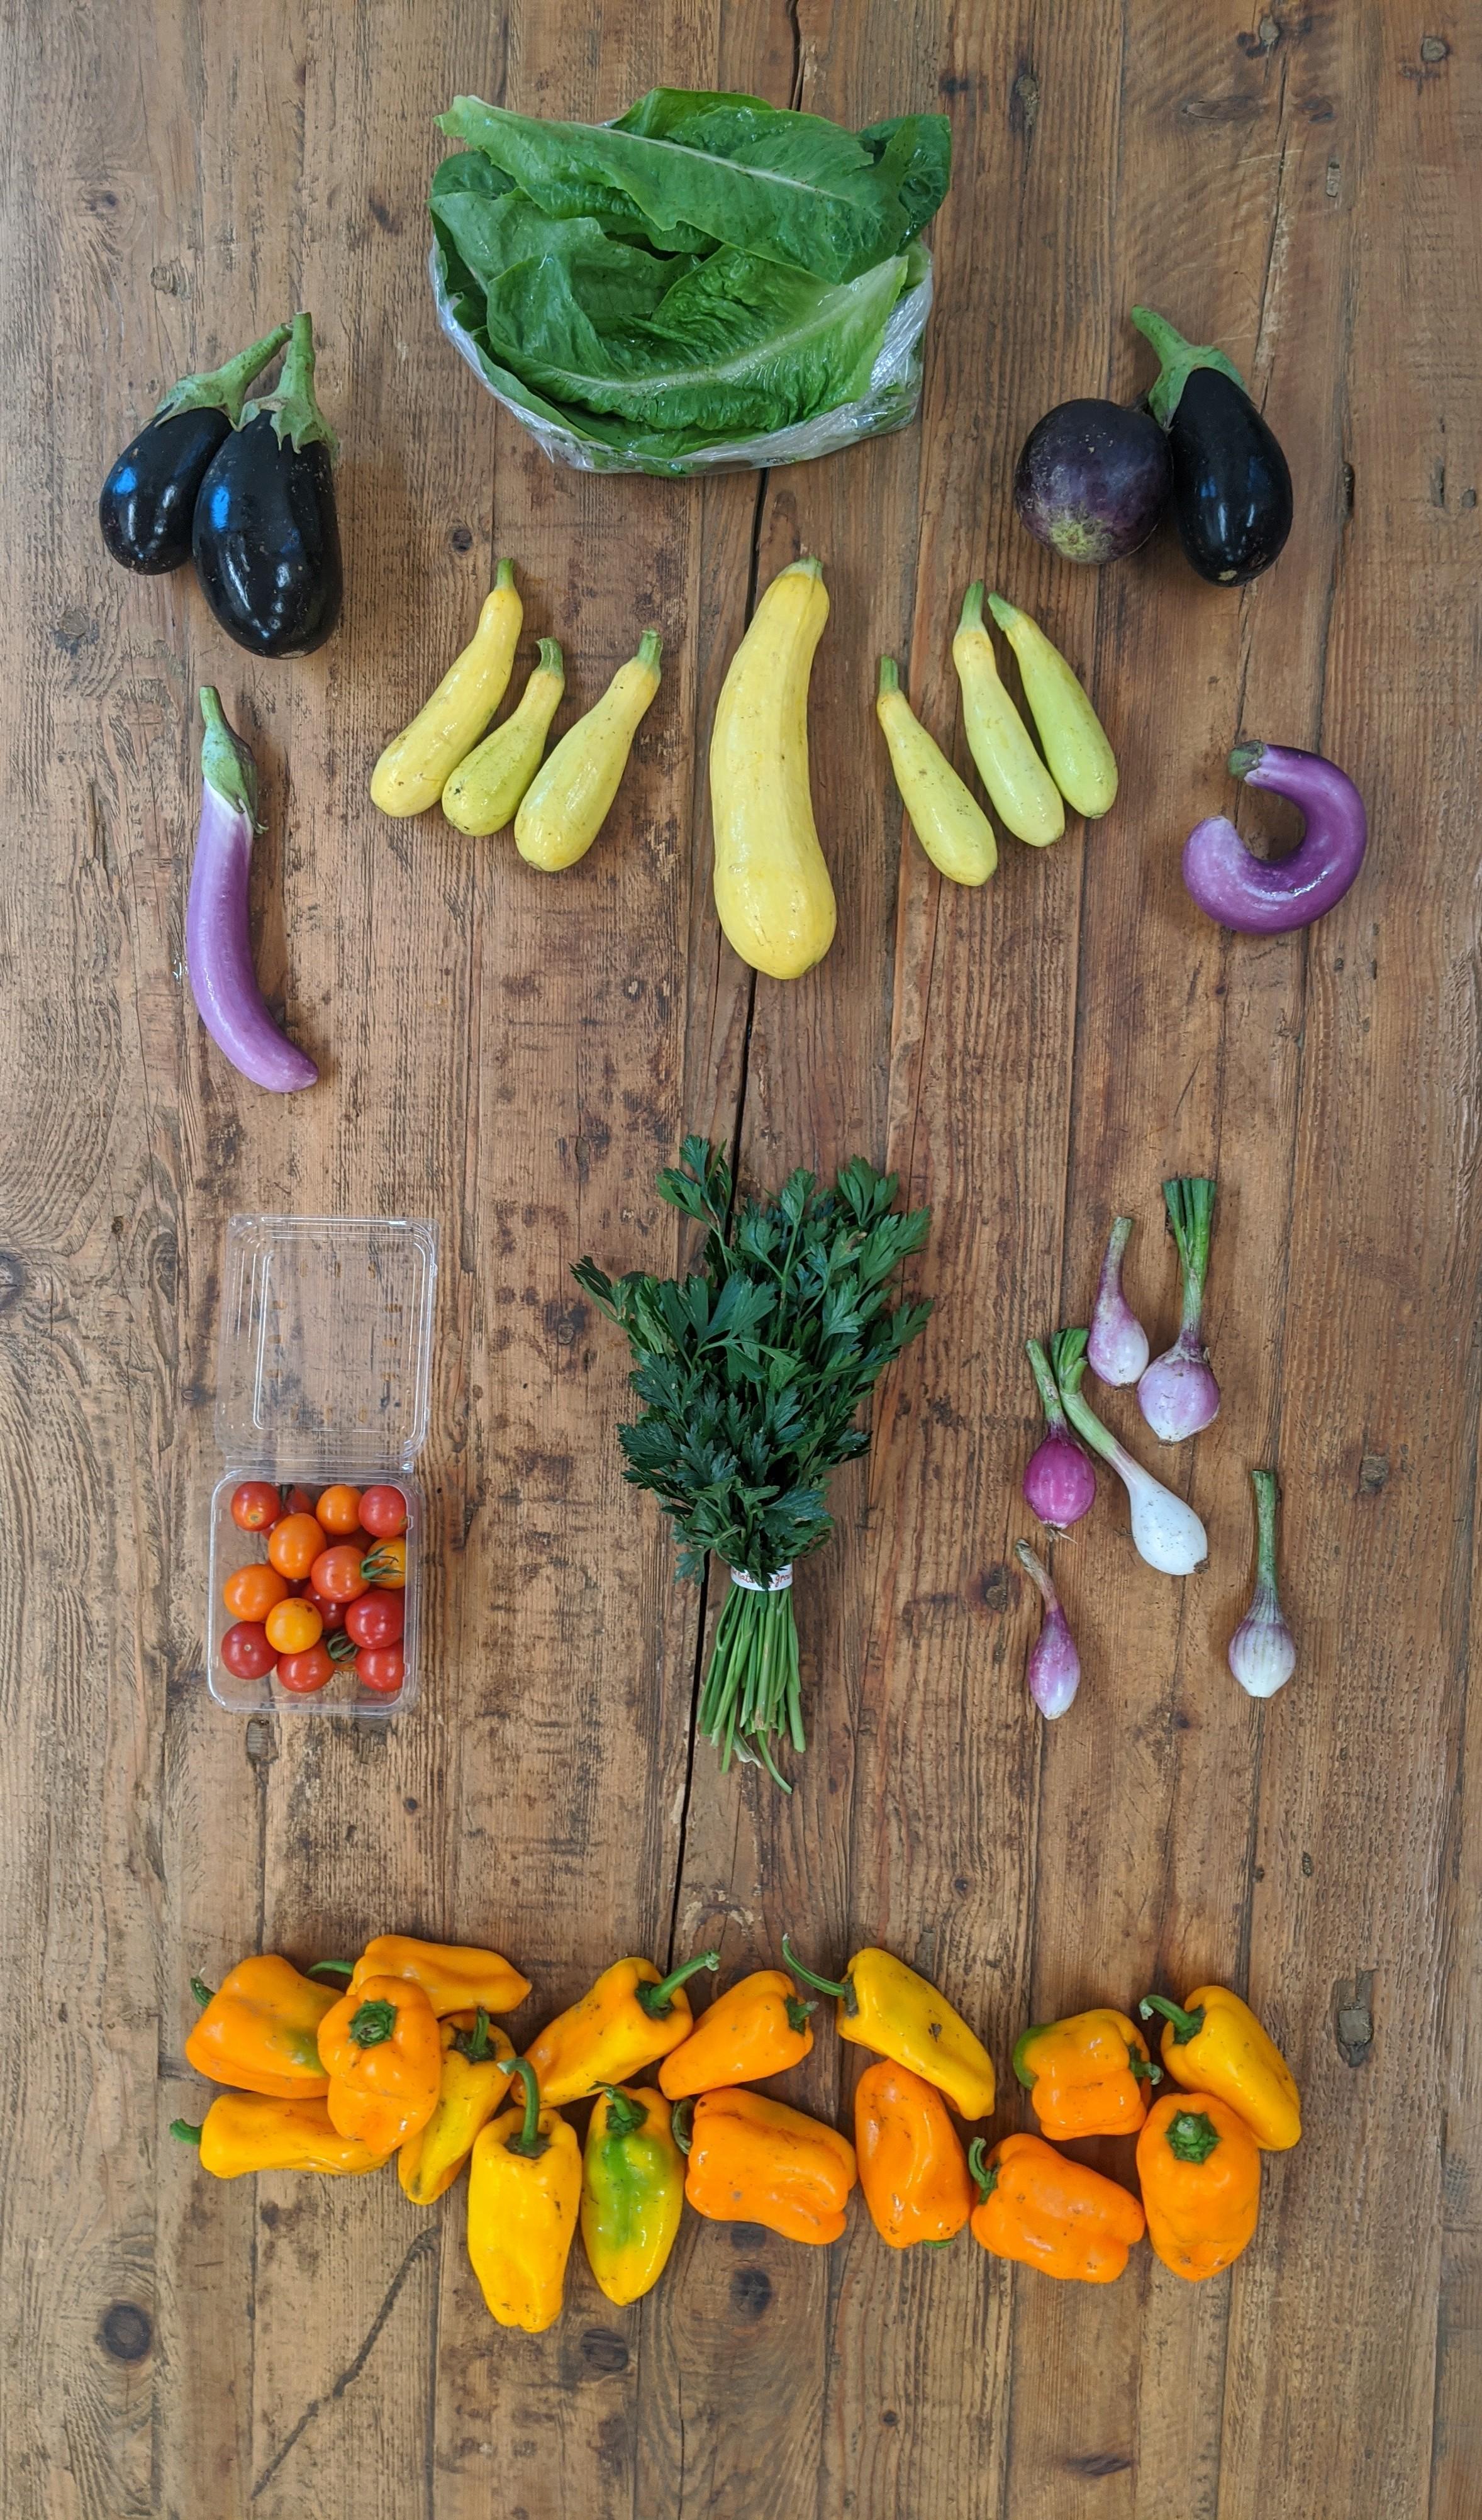 Summer Organic Veggie Share